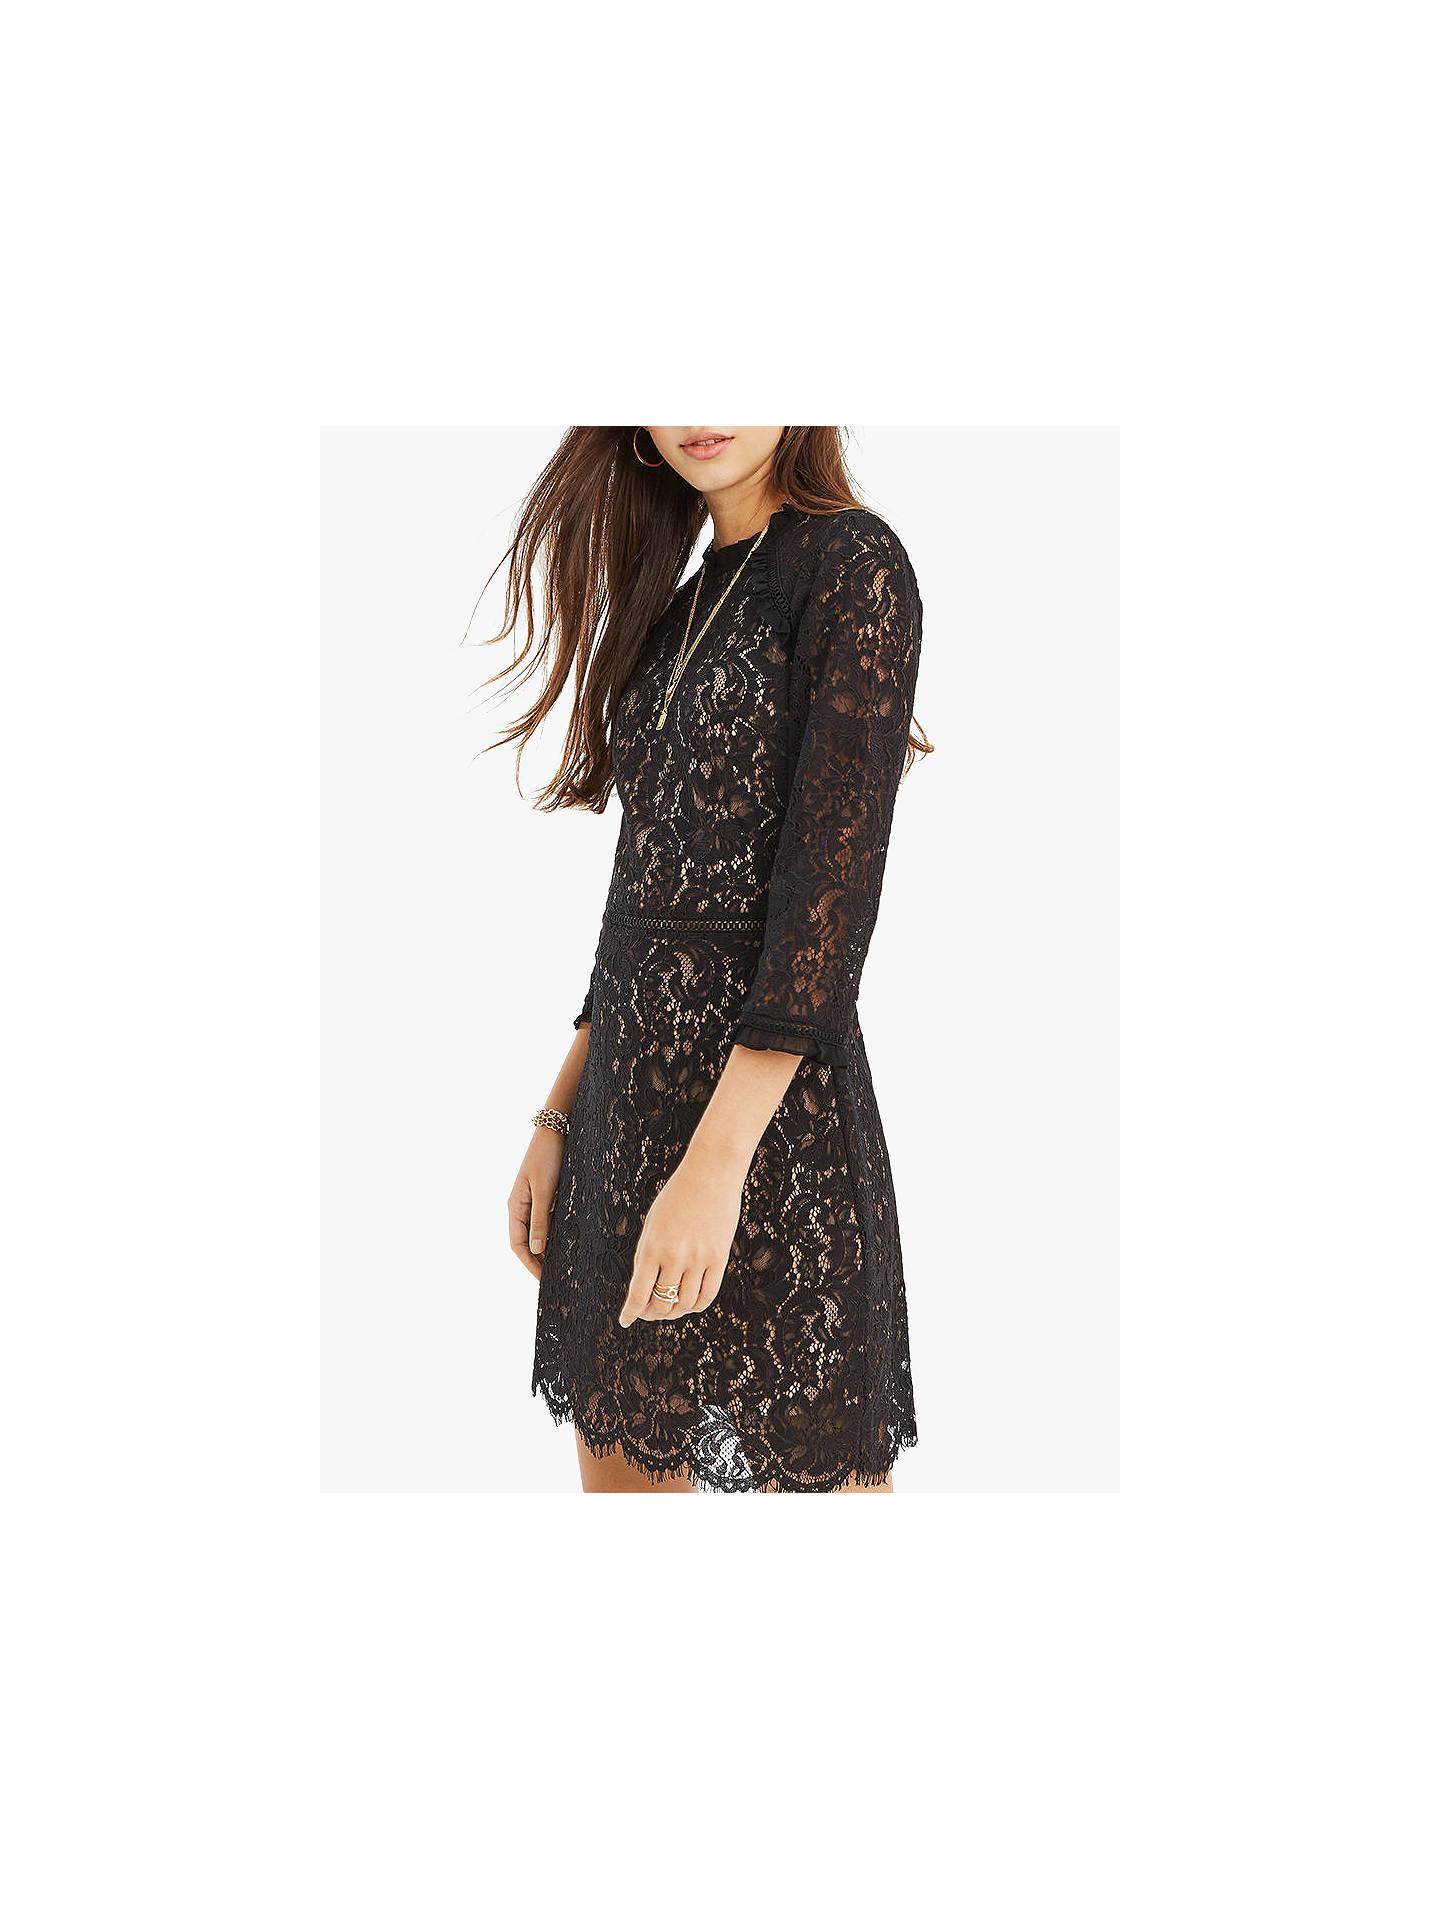 82a293d6b2 BuyOasis Prairie Lace Dress